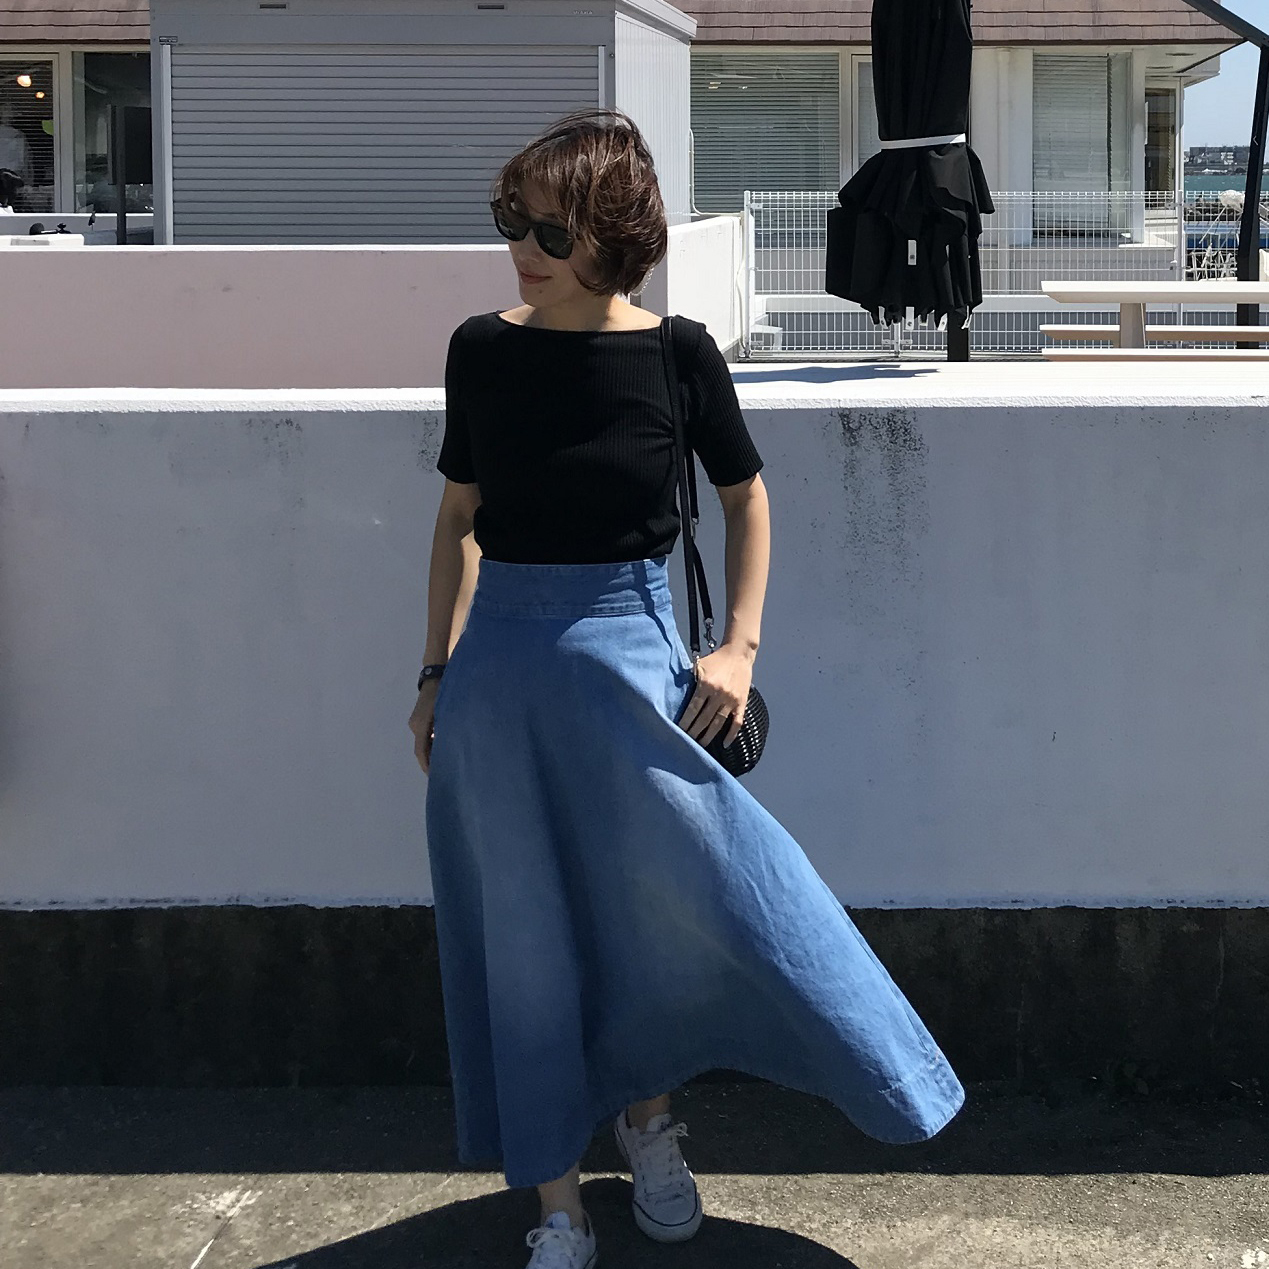 やっぱりスカートが大好き!プチプラから1点ものまでお気に入りの1枚【マリソル美女組ブログPICK UP】_1_1-5